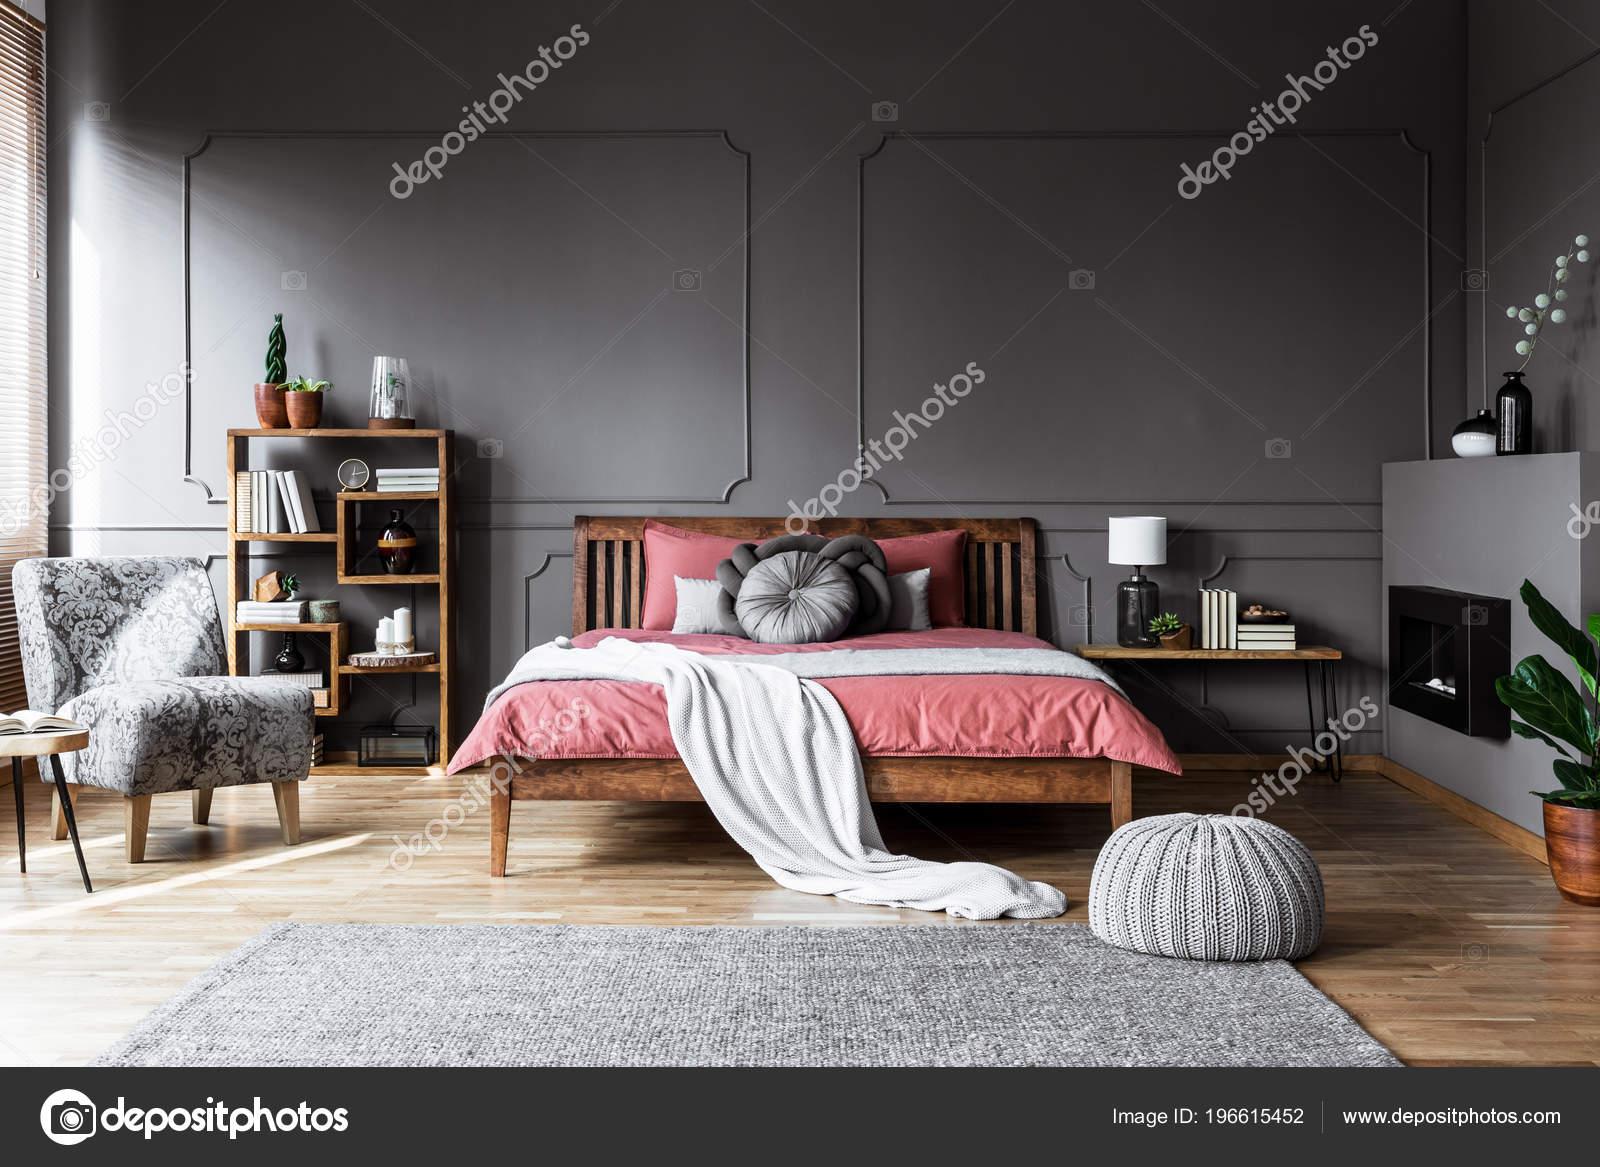 реальне фото інтер затишні спальні шафи купе вбудовані середині